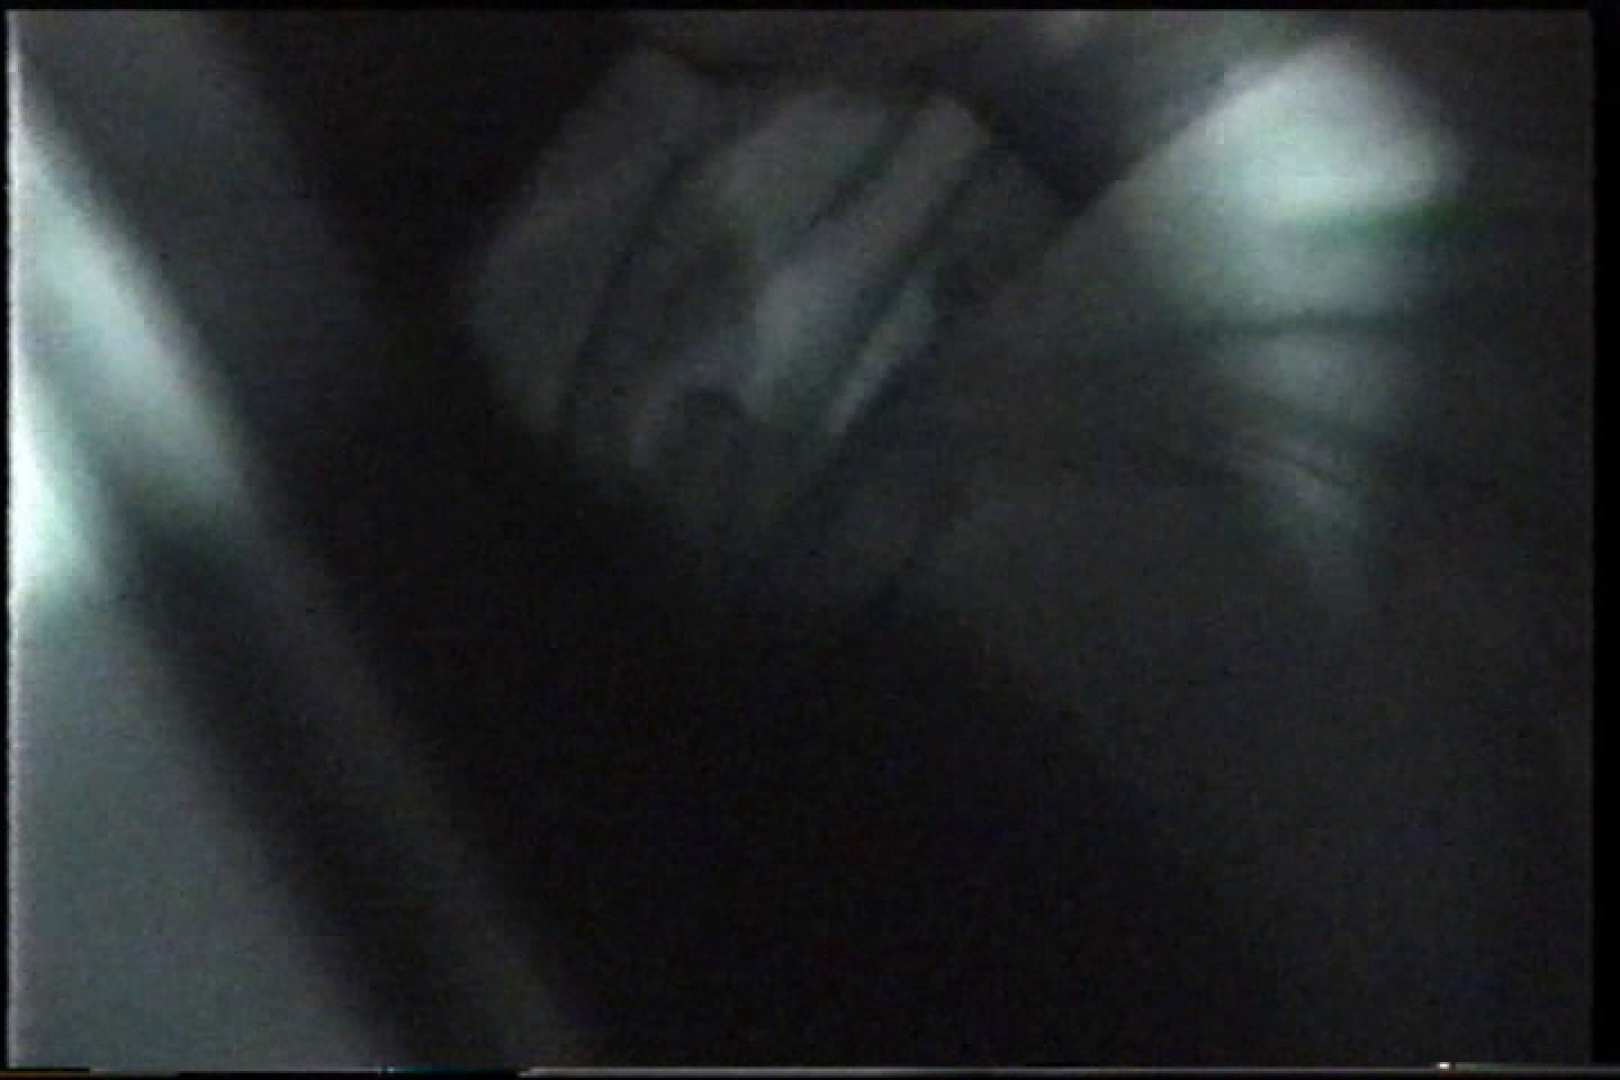 充血監督の深夜の運動会Vol.214 後編. カップル えろ無修正画像 96pic 83